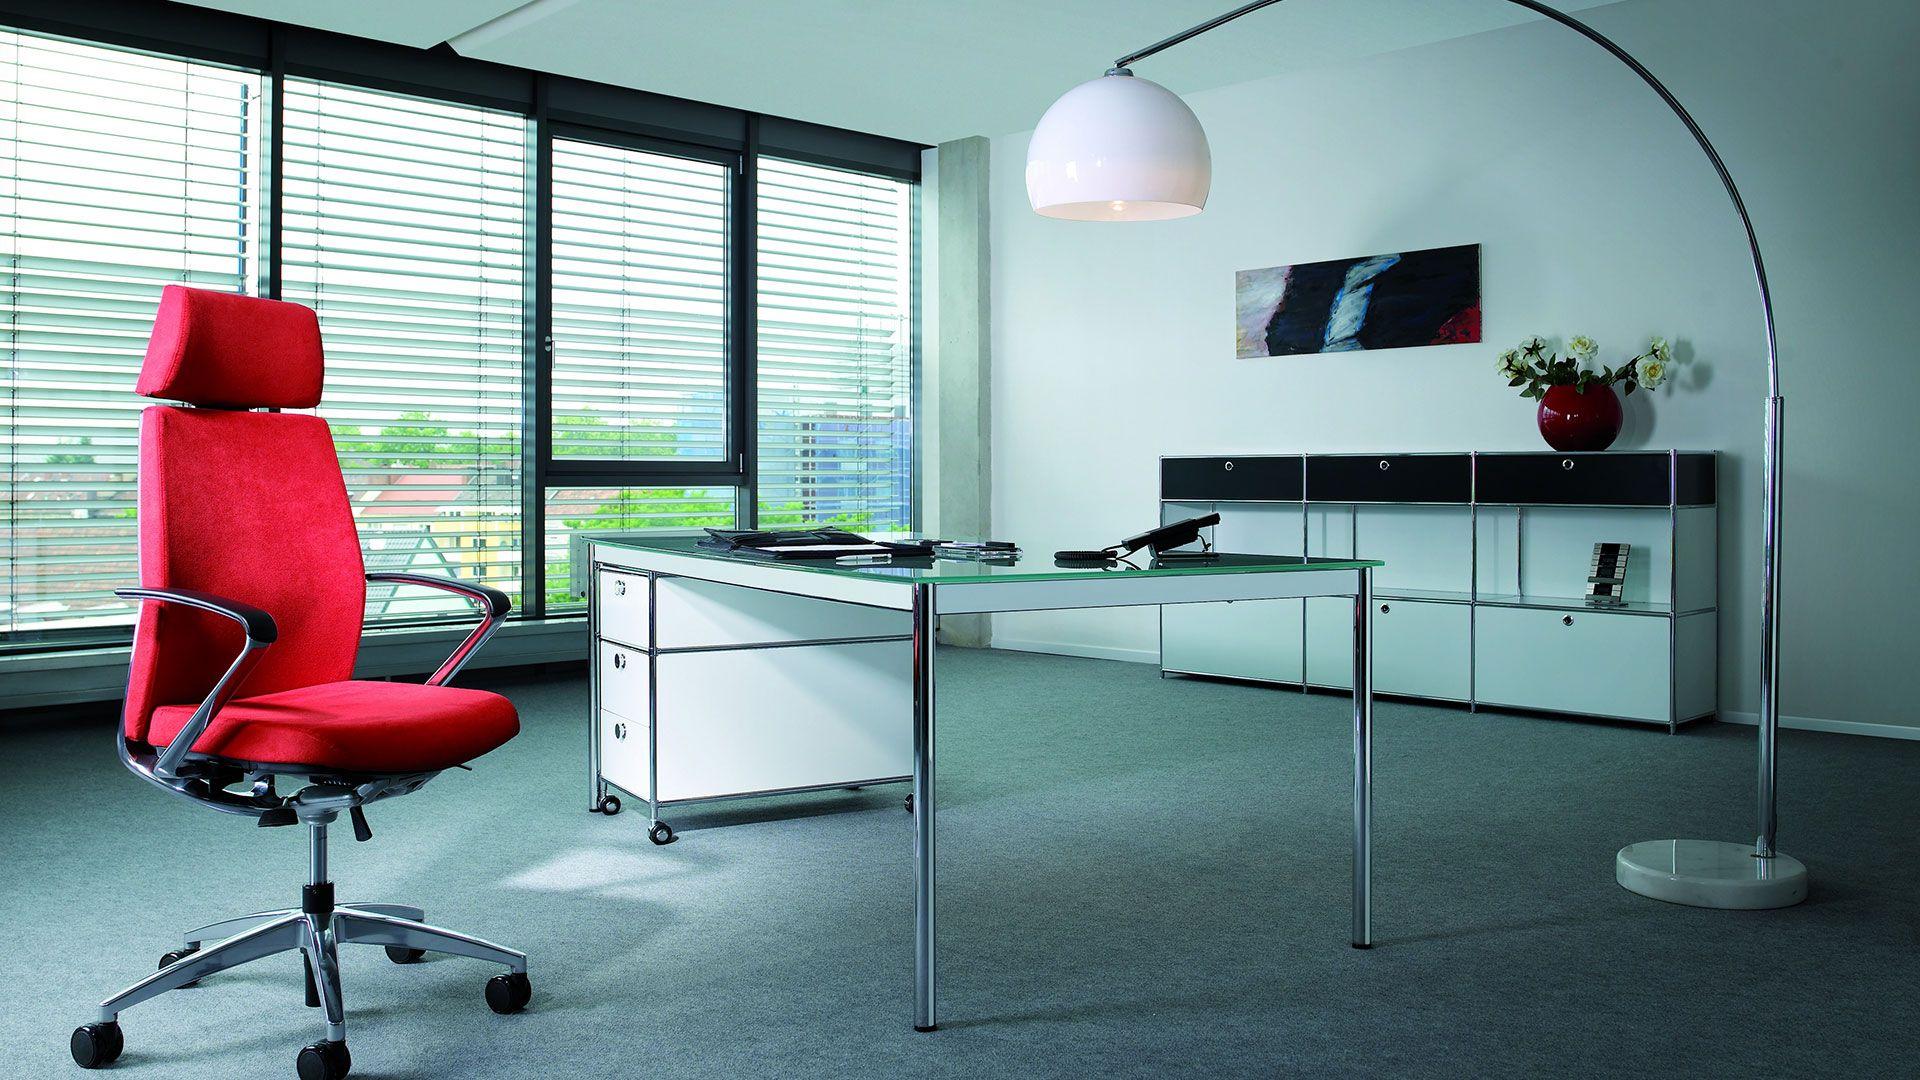 Chefarbeitsplatz Schreibtisch 200 X 100 Cm Mit Glasplatte Und Metall